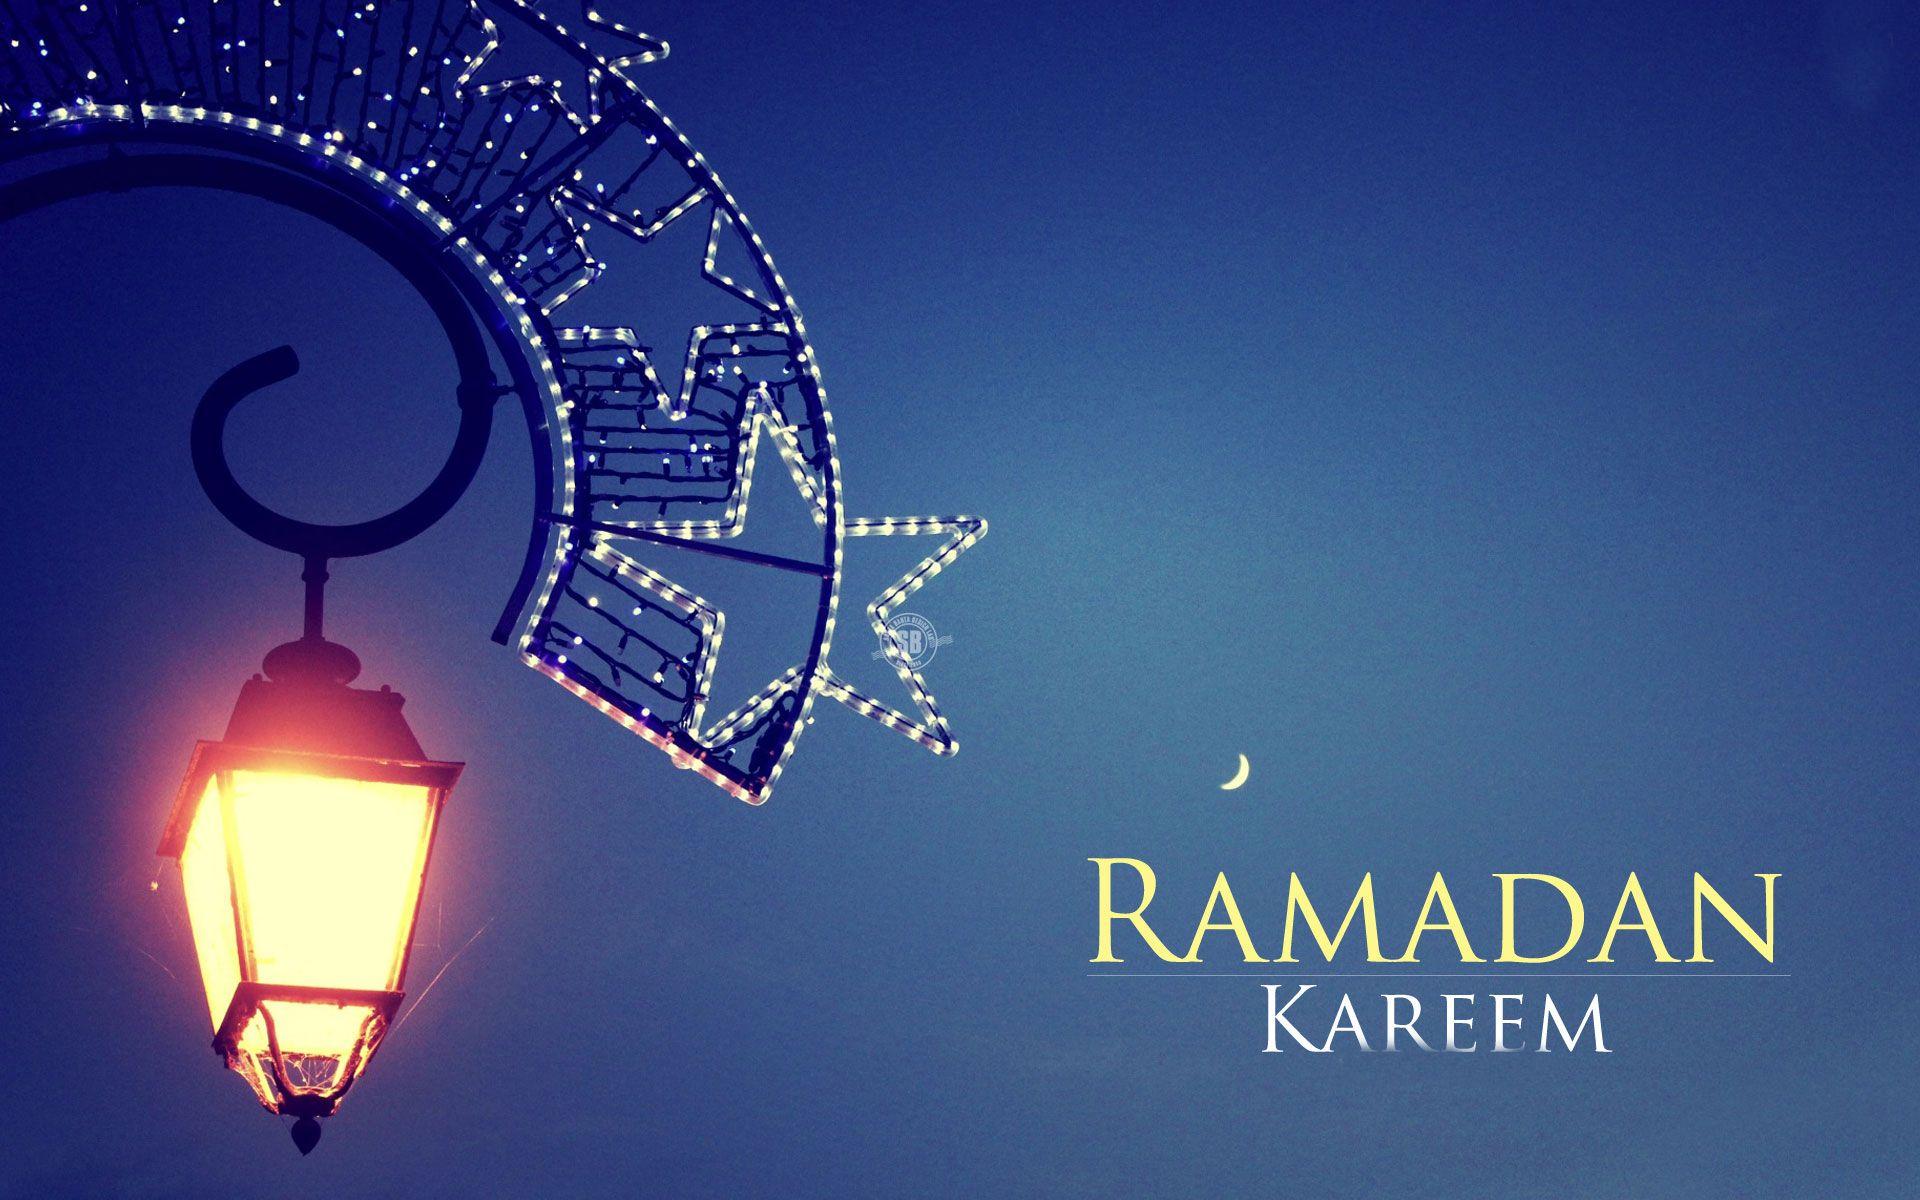 رمزيات رمضان من لستتي رمضان كريم